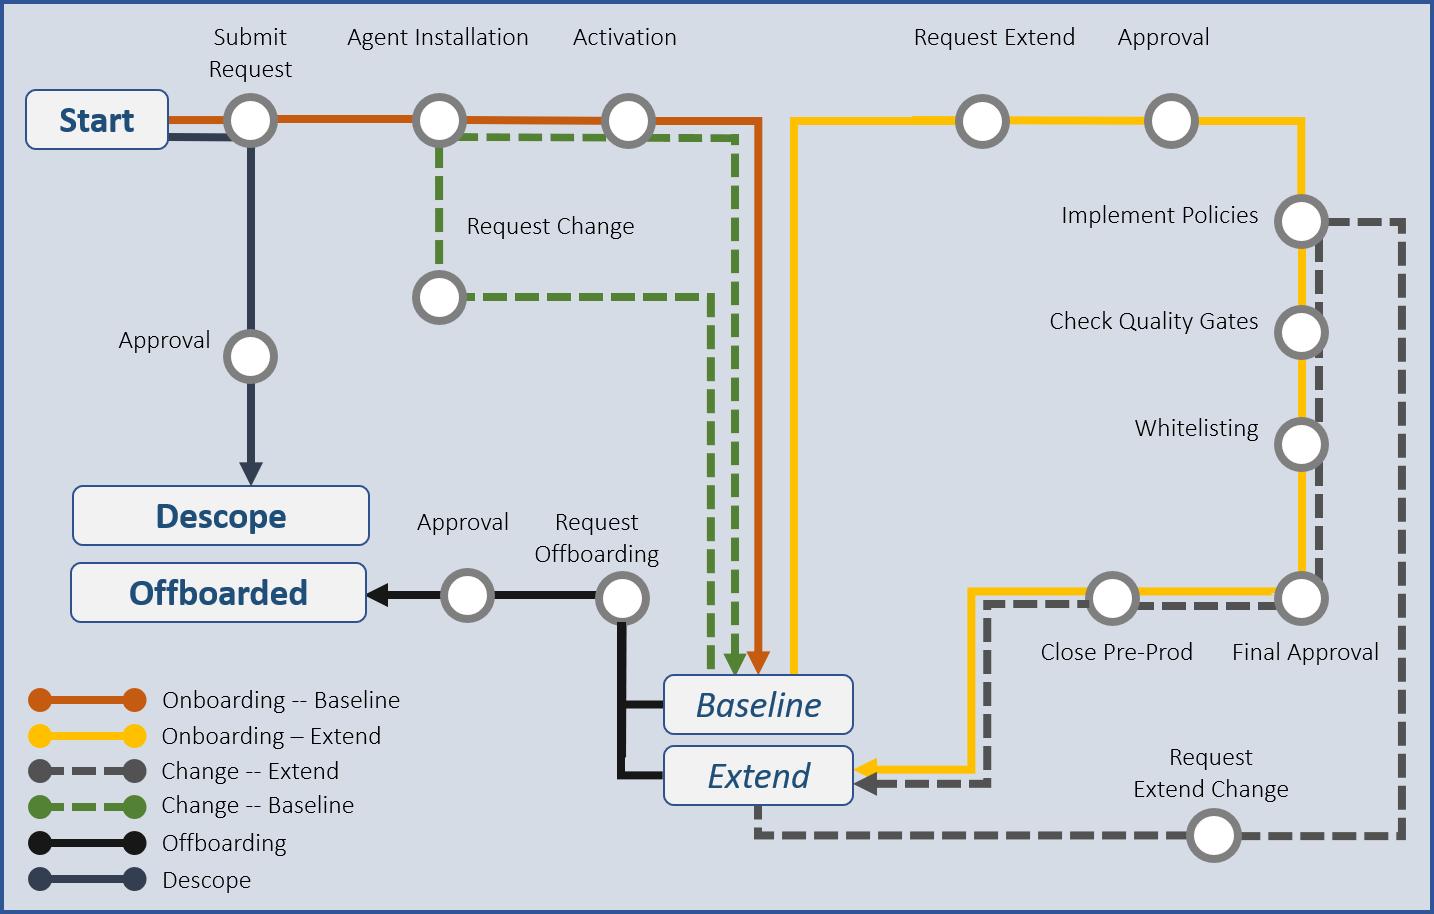 Verwaltung Workflow Beispiel